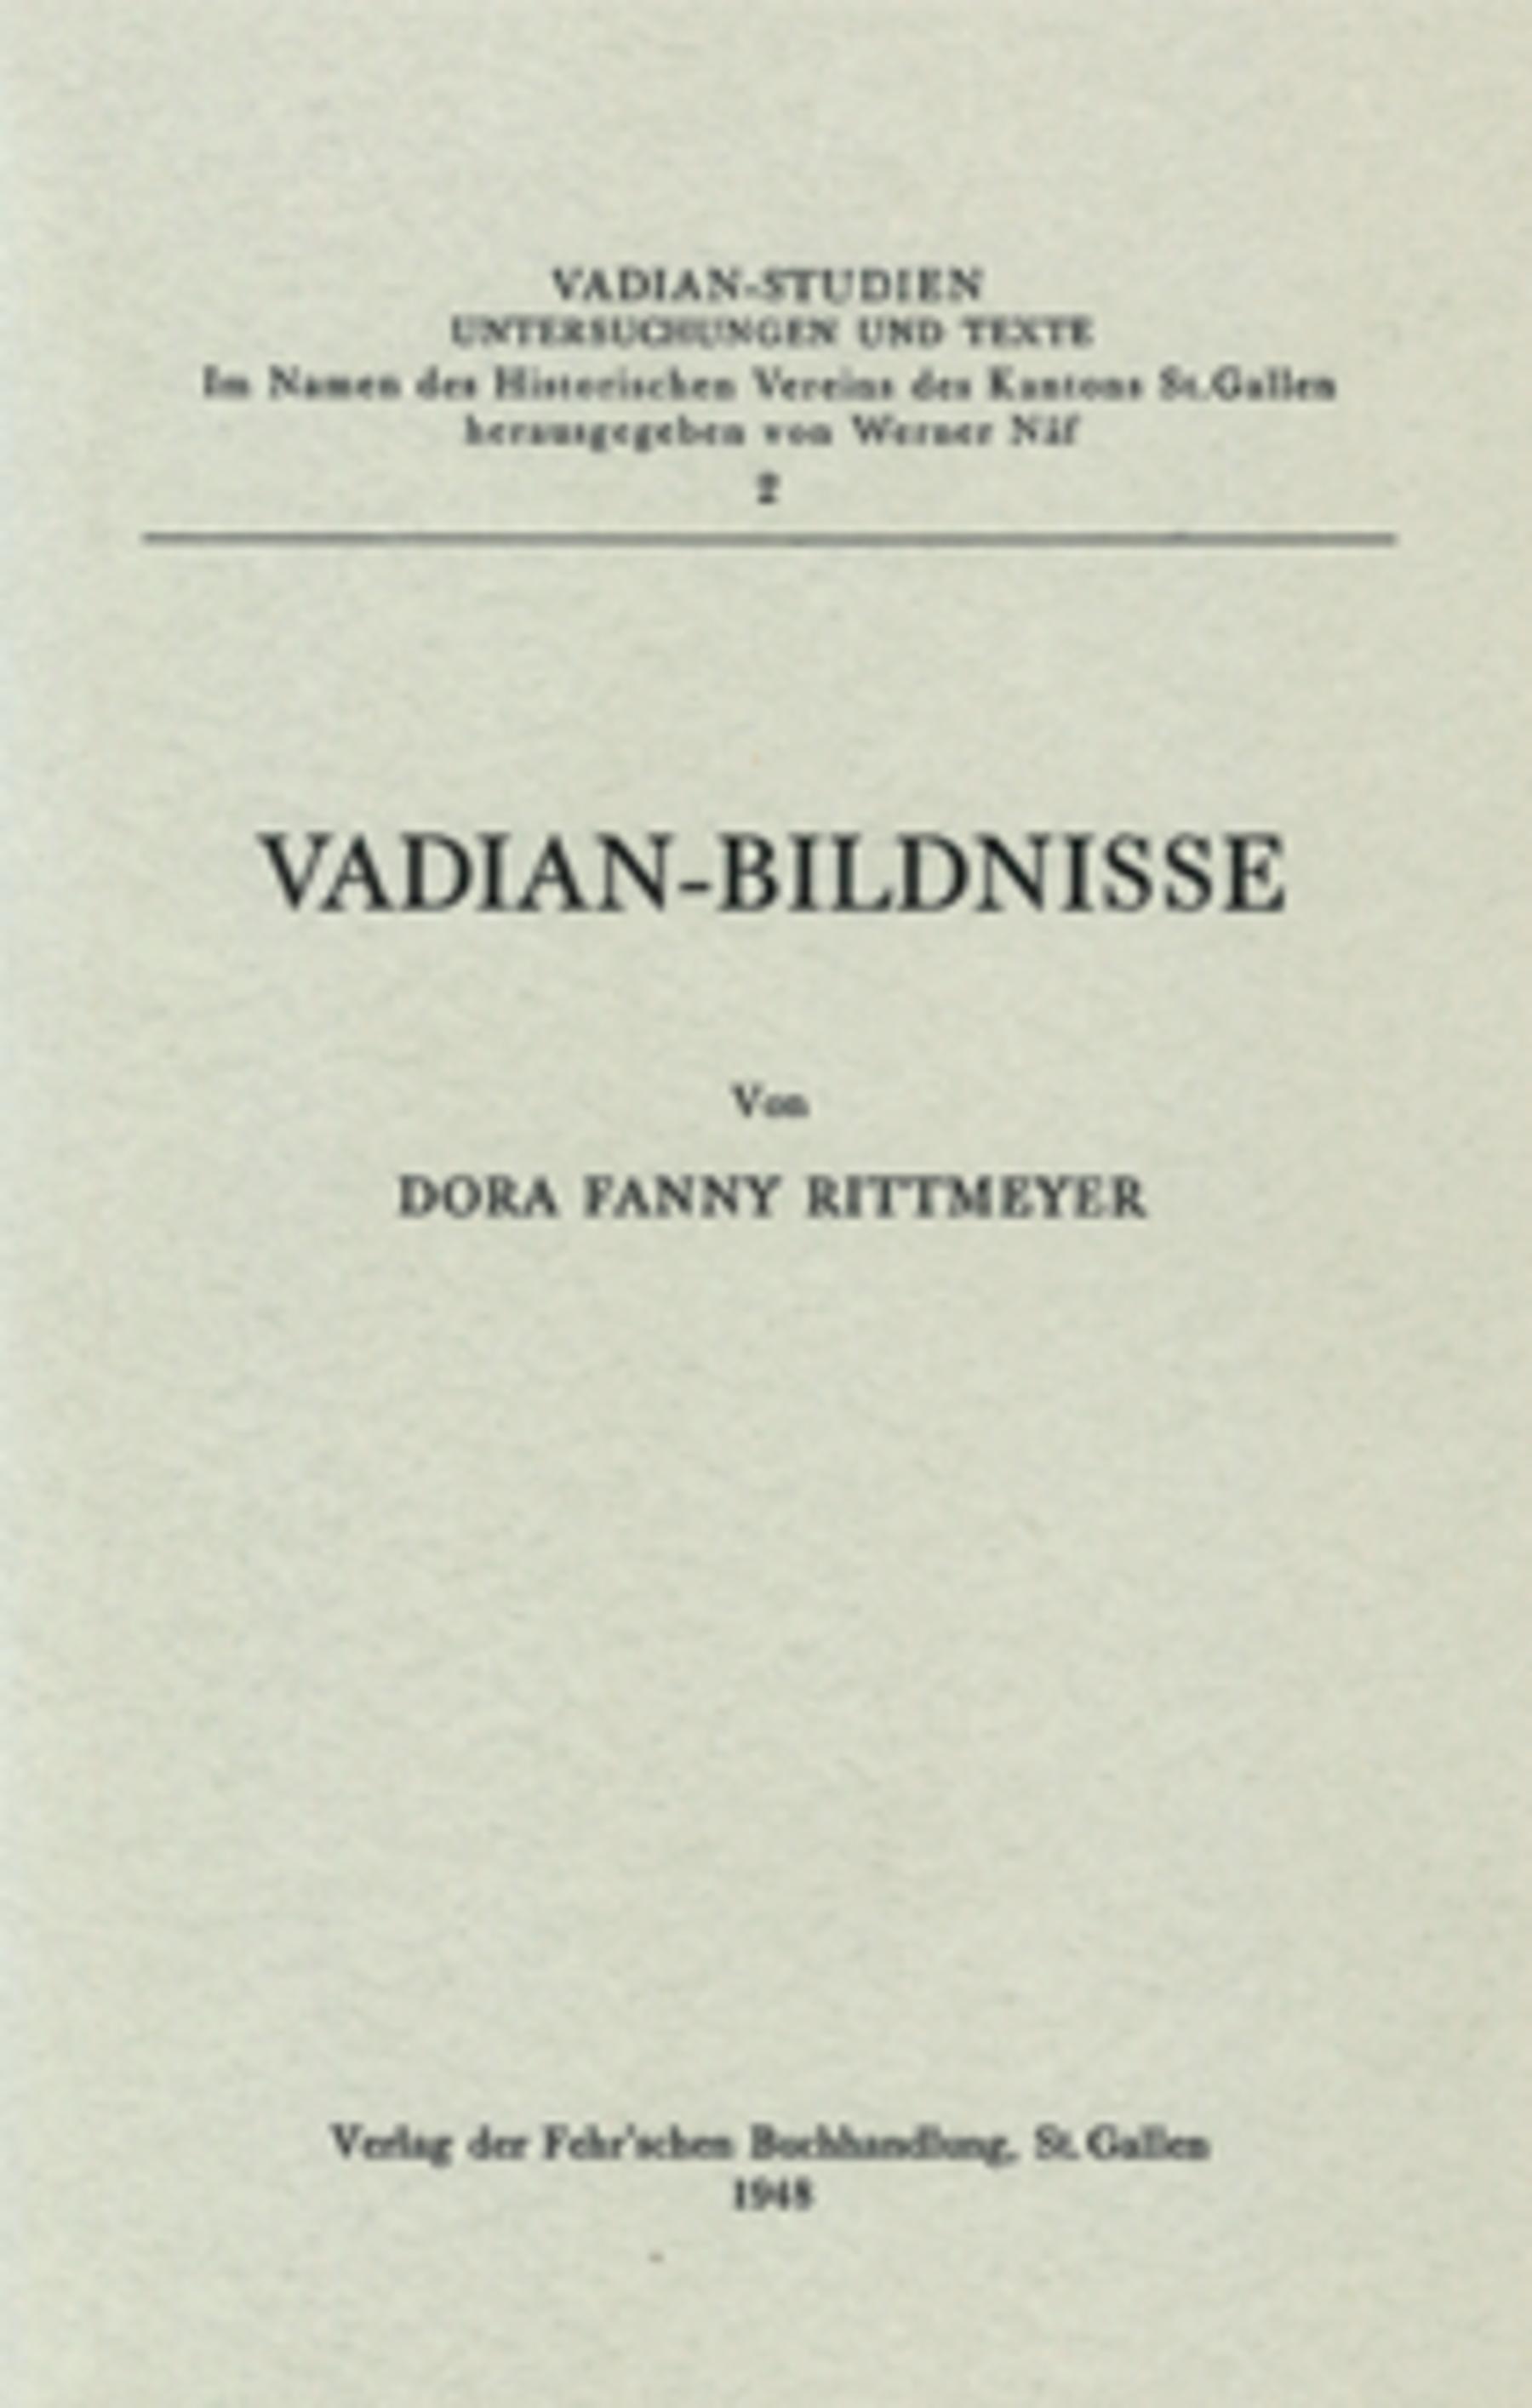 <p><p>Von Dora Fanny Rittmeyer